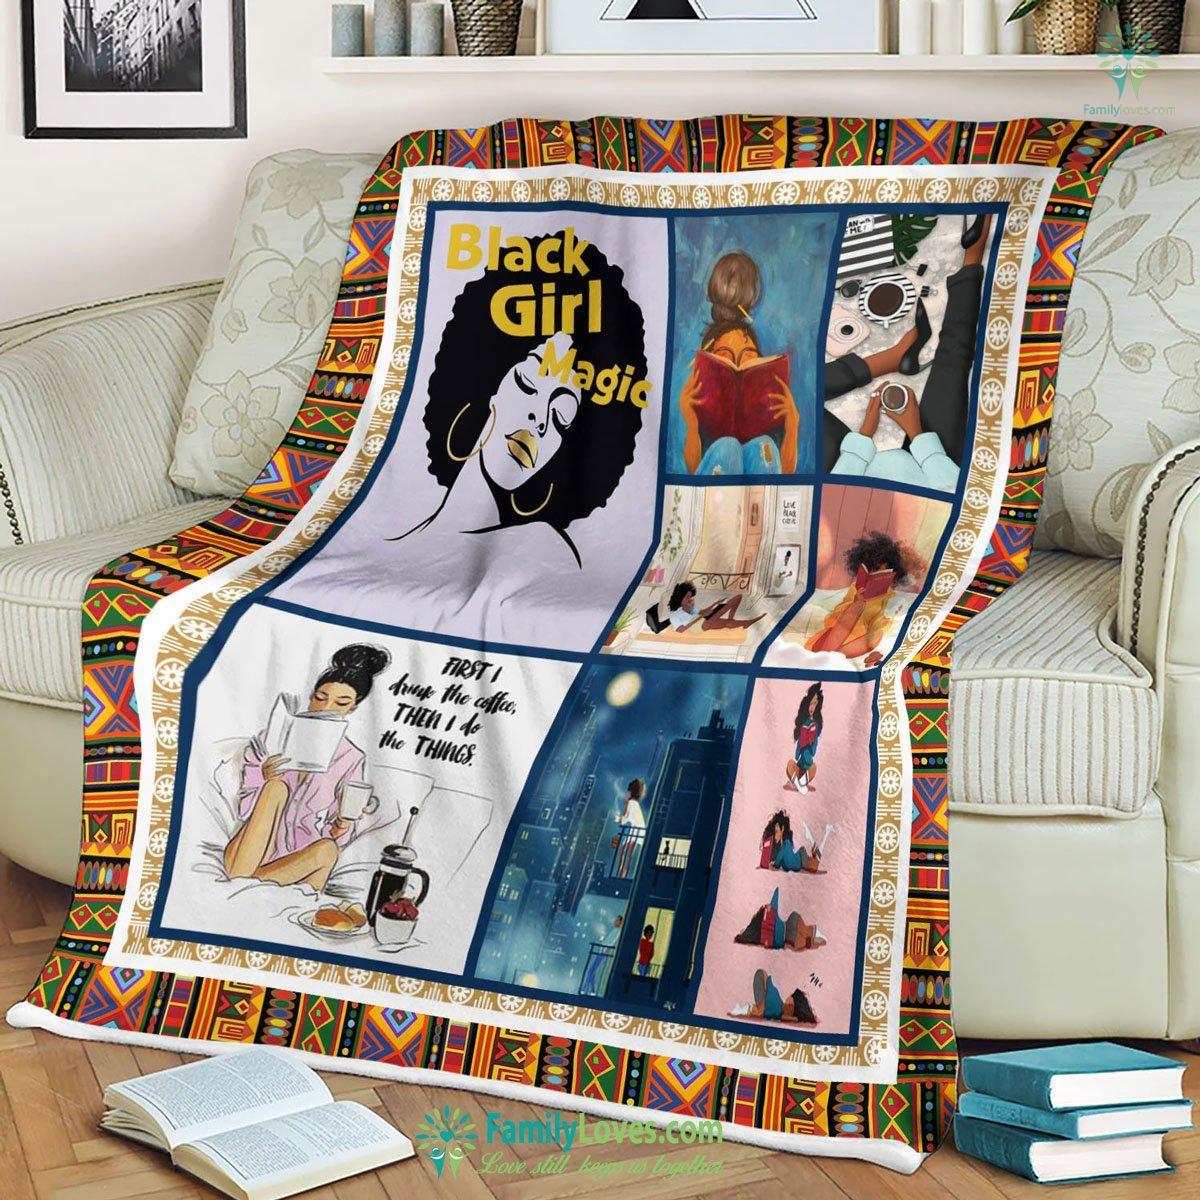 Black Girl Books Magic Blanket 2 Familyloves.com